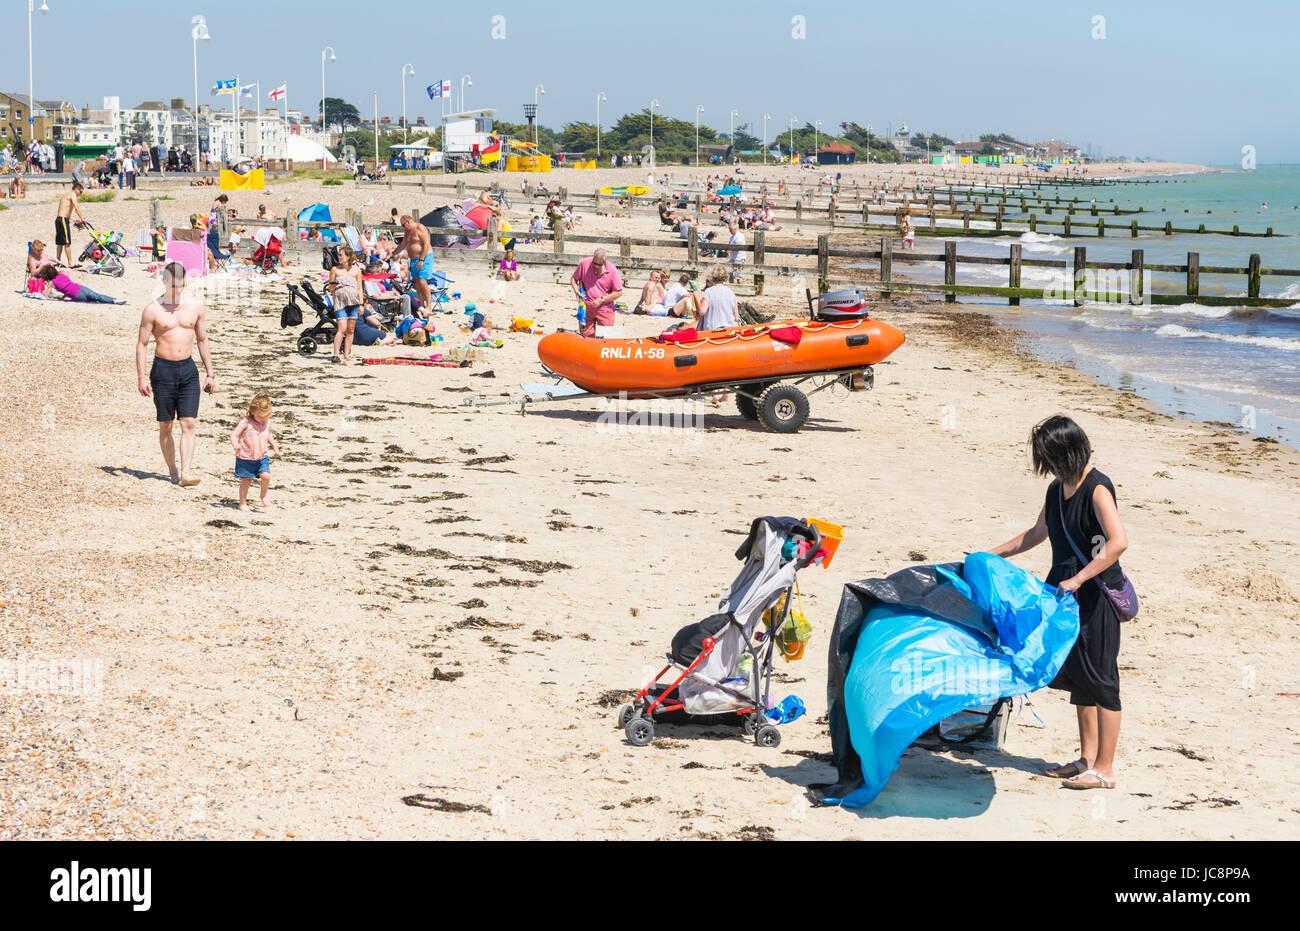 Menschen Spaß in der Sonne am Strand im Sommer Juni 2017 in Chichester, West Sussex, England, UK. Stockbild